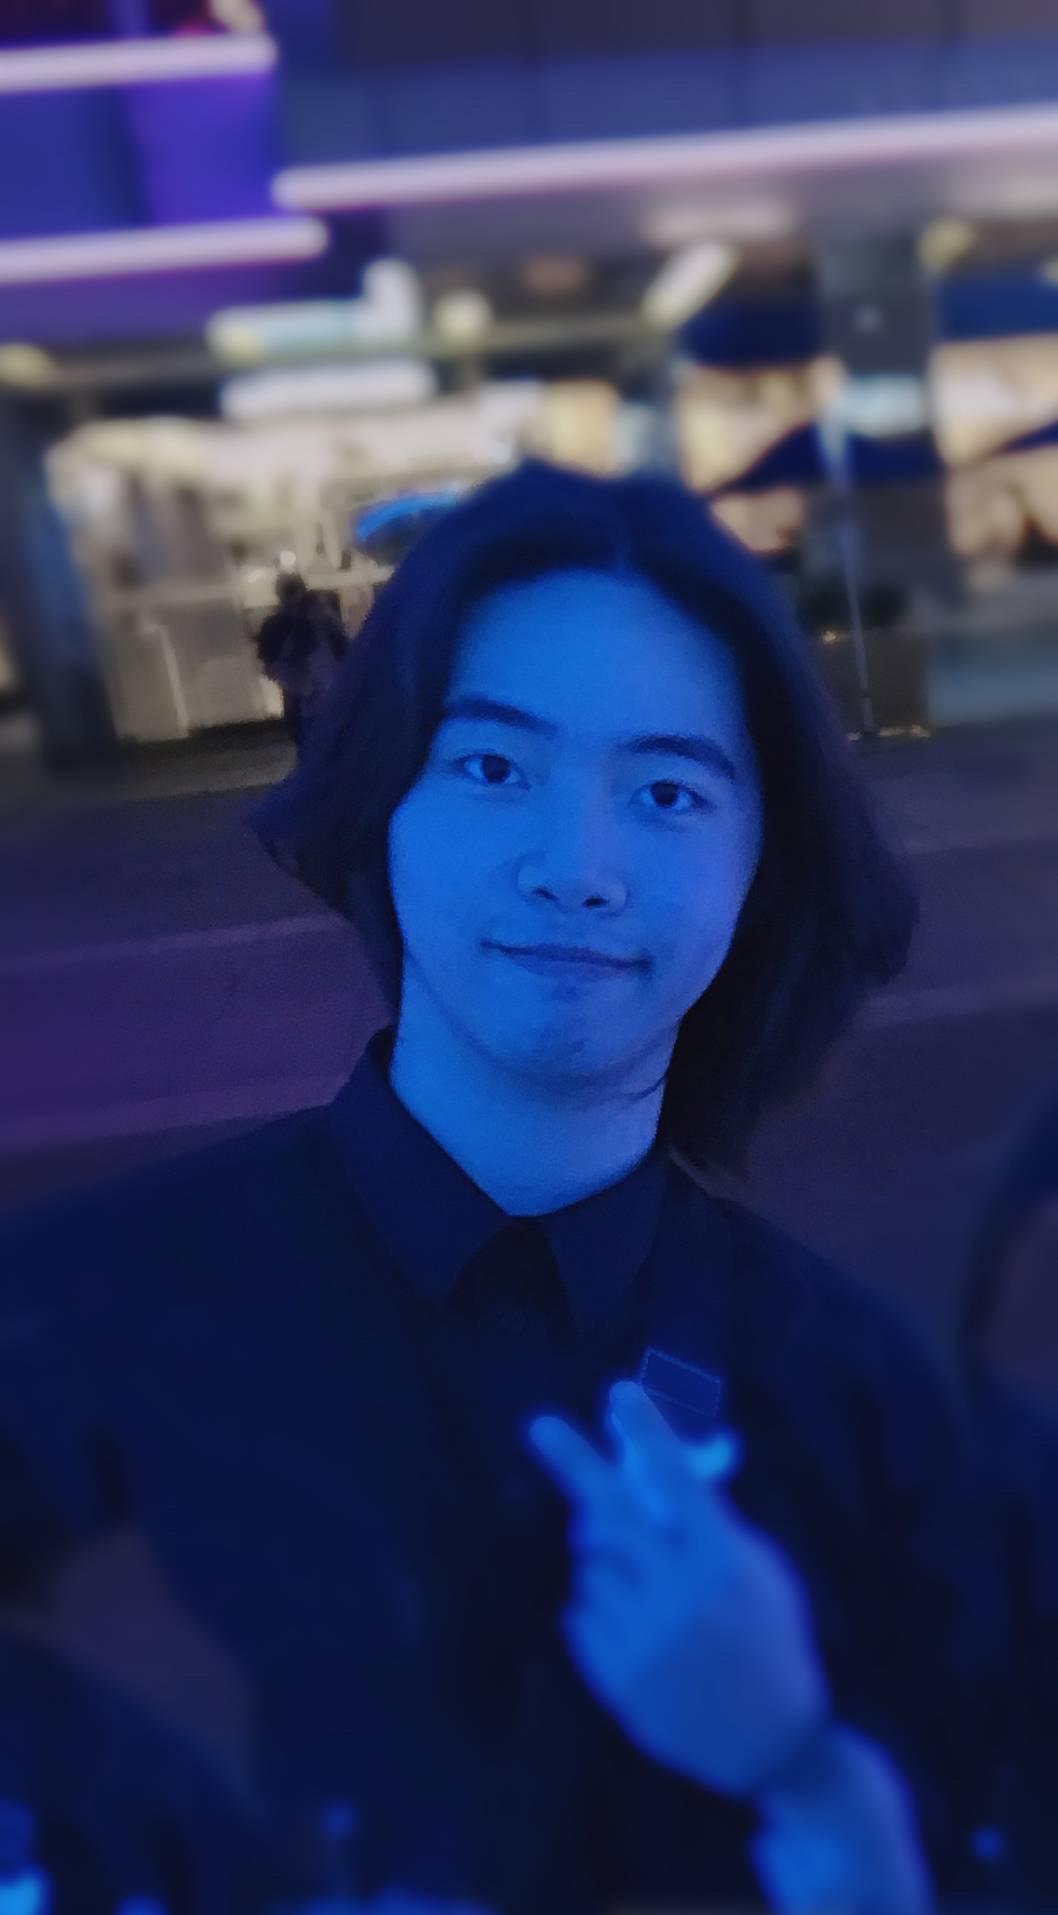 深圳  我是一个篮球直男,喜欢摄影、吃东西哈哈哈哈一个人旅行希望找个能一起出去吃饭的朋友  随缘